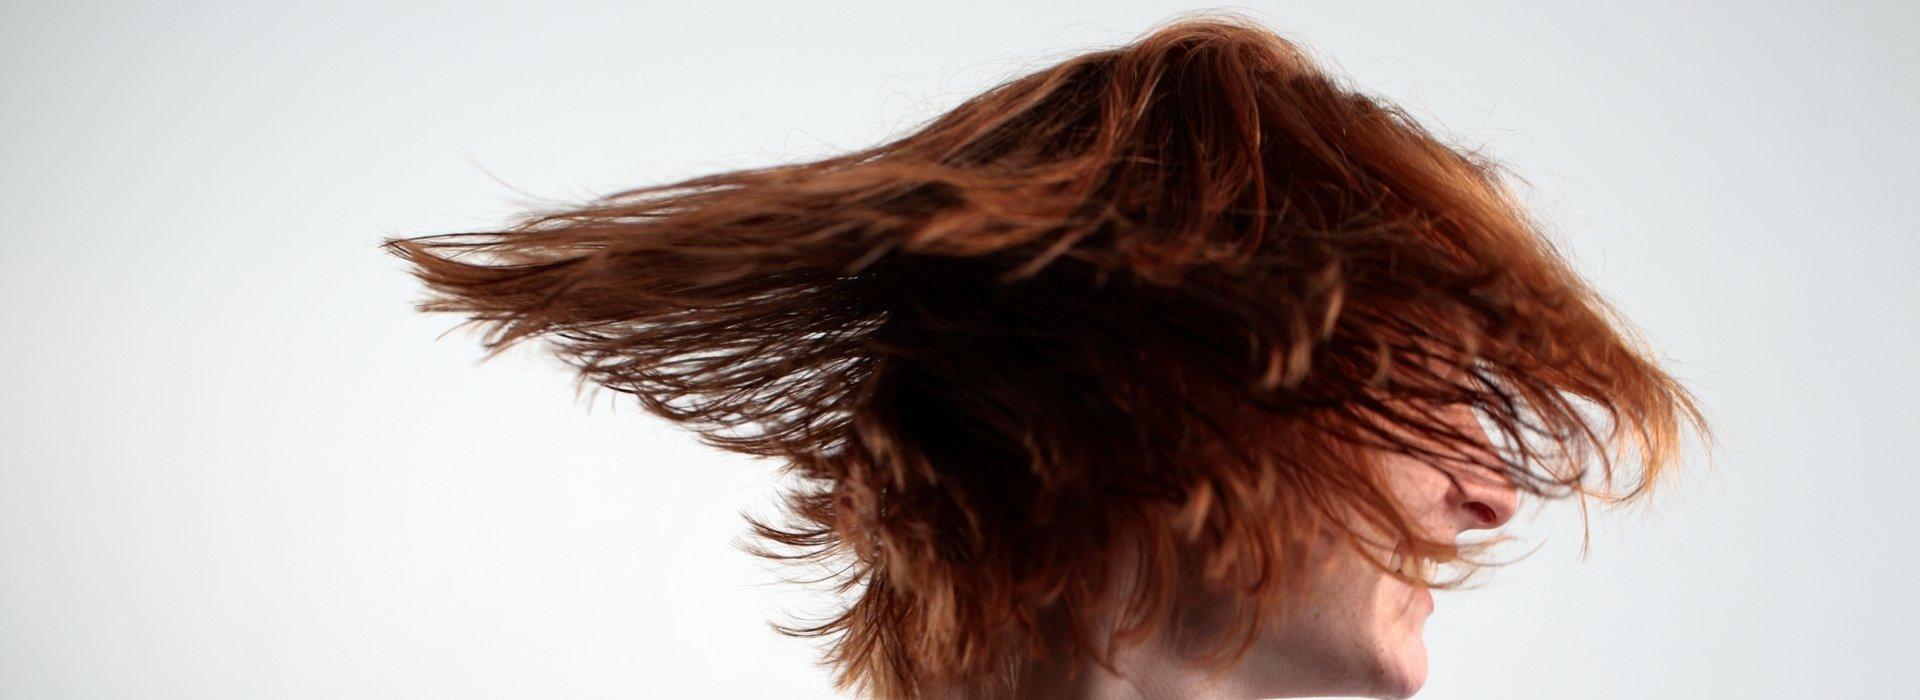 Szerezze vissza hajának régi sűrűségét egy nap alatt!